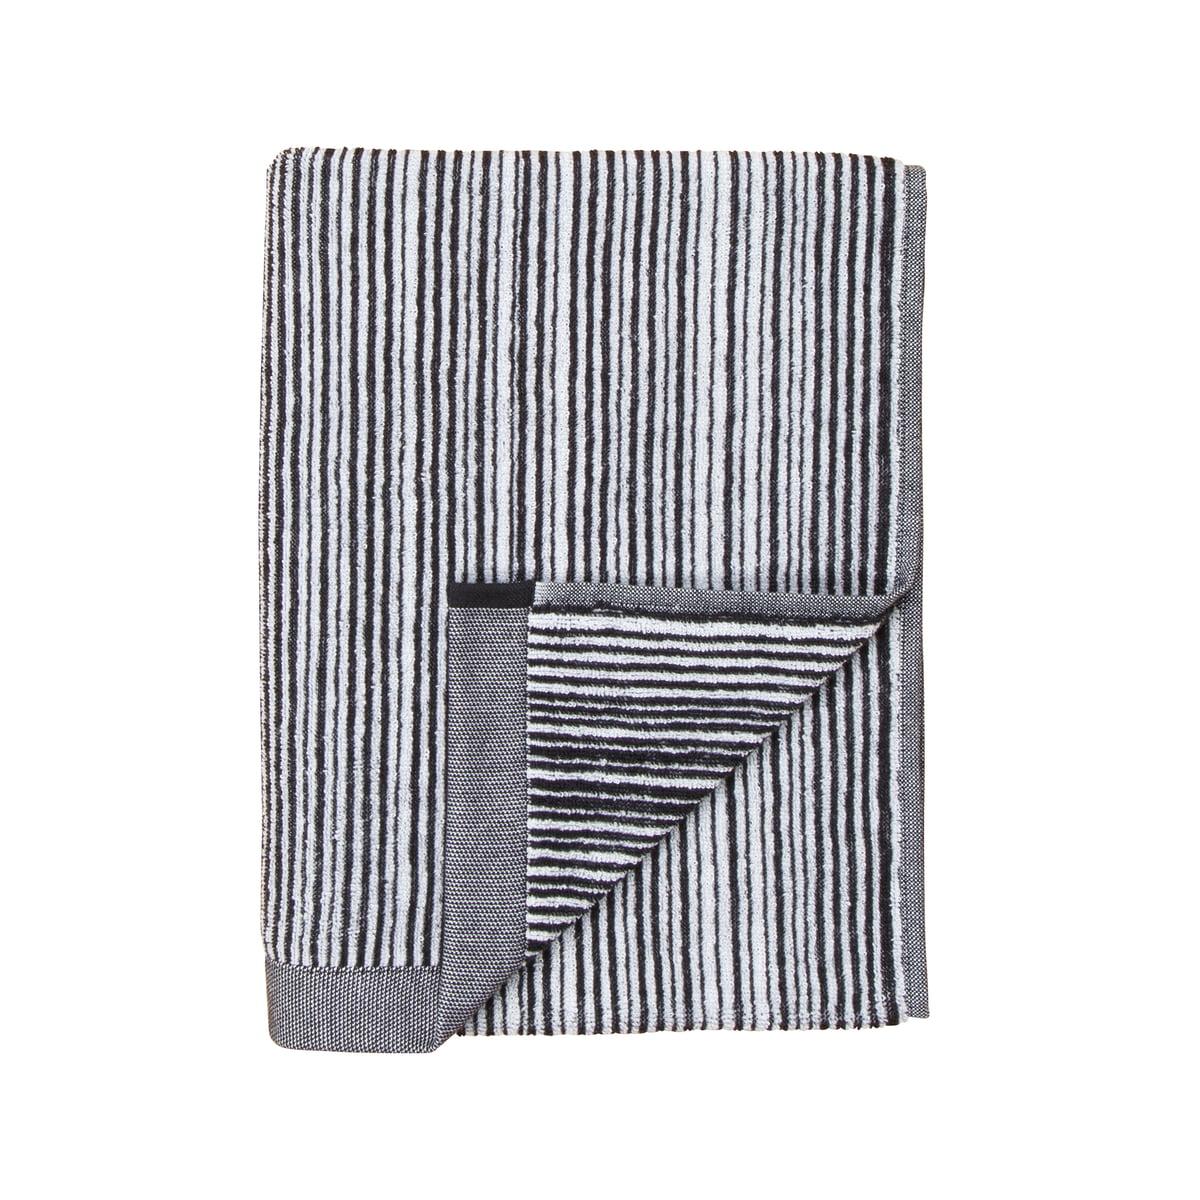 gruen baumwolle handtuch sets online kaufen m bel suchmaschine. Black Bedroom Furniture Sets. Home Design Ideas